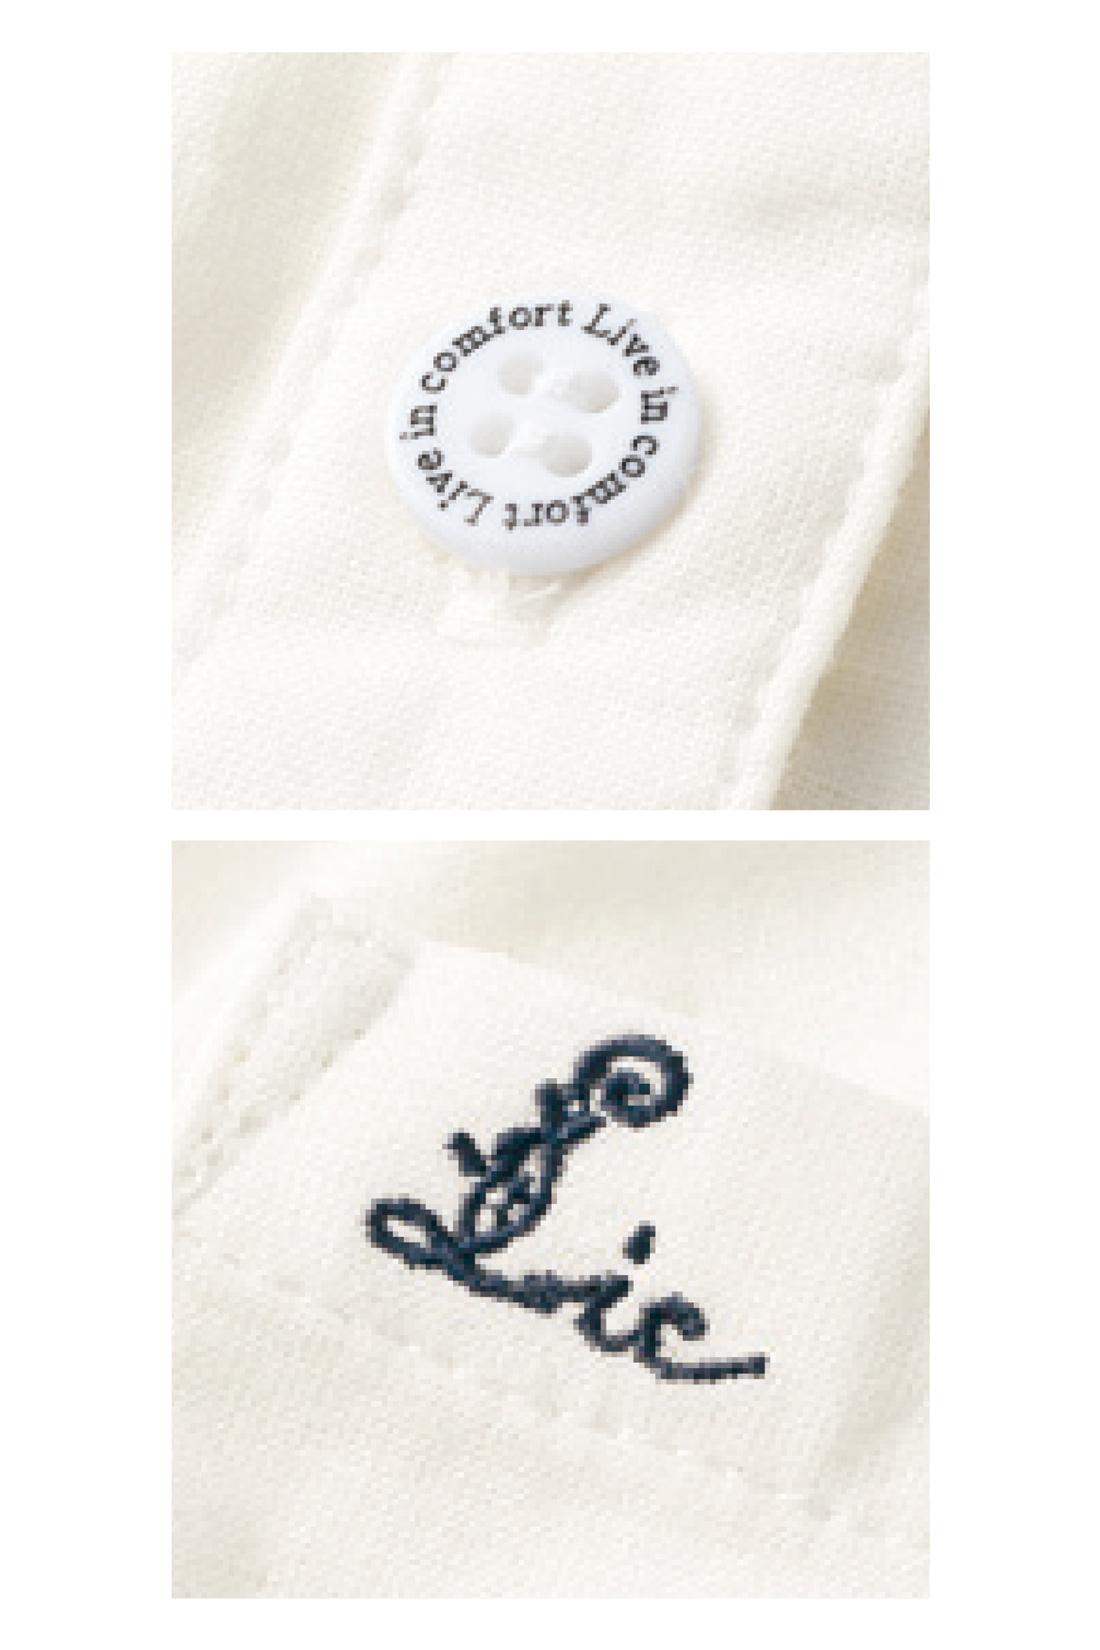 ロゴを刻印したオリジナルボタンや、ポケットの刺繍がデザインポイント。 ※お届けするカラーとは異なります。